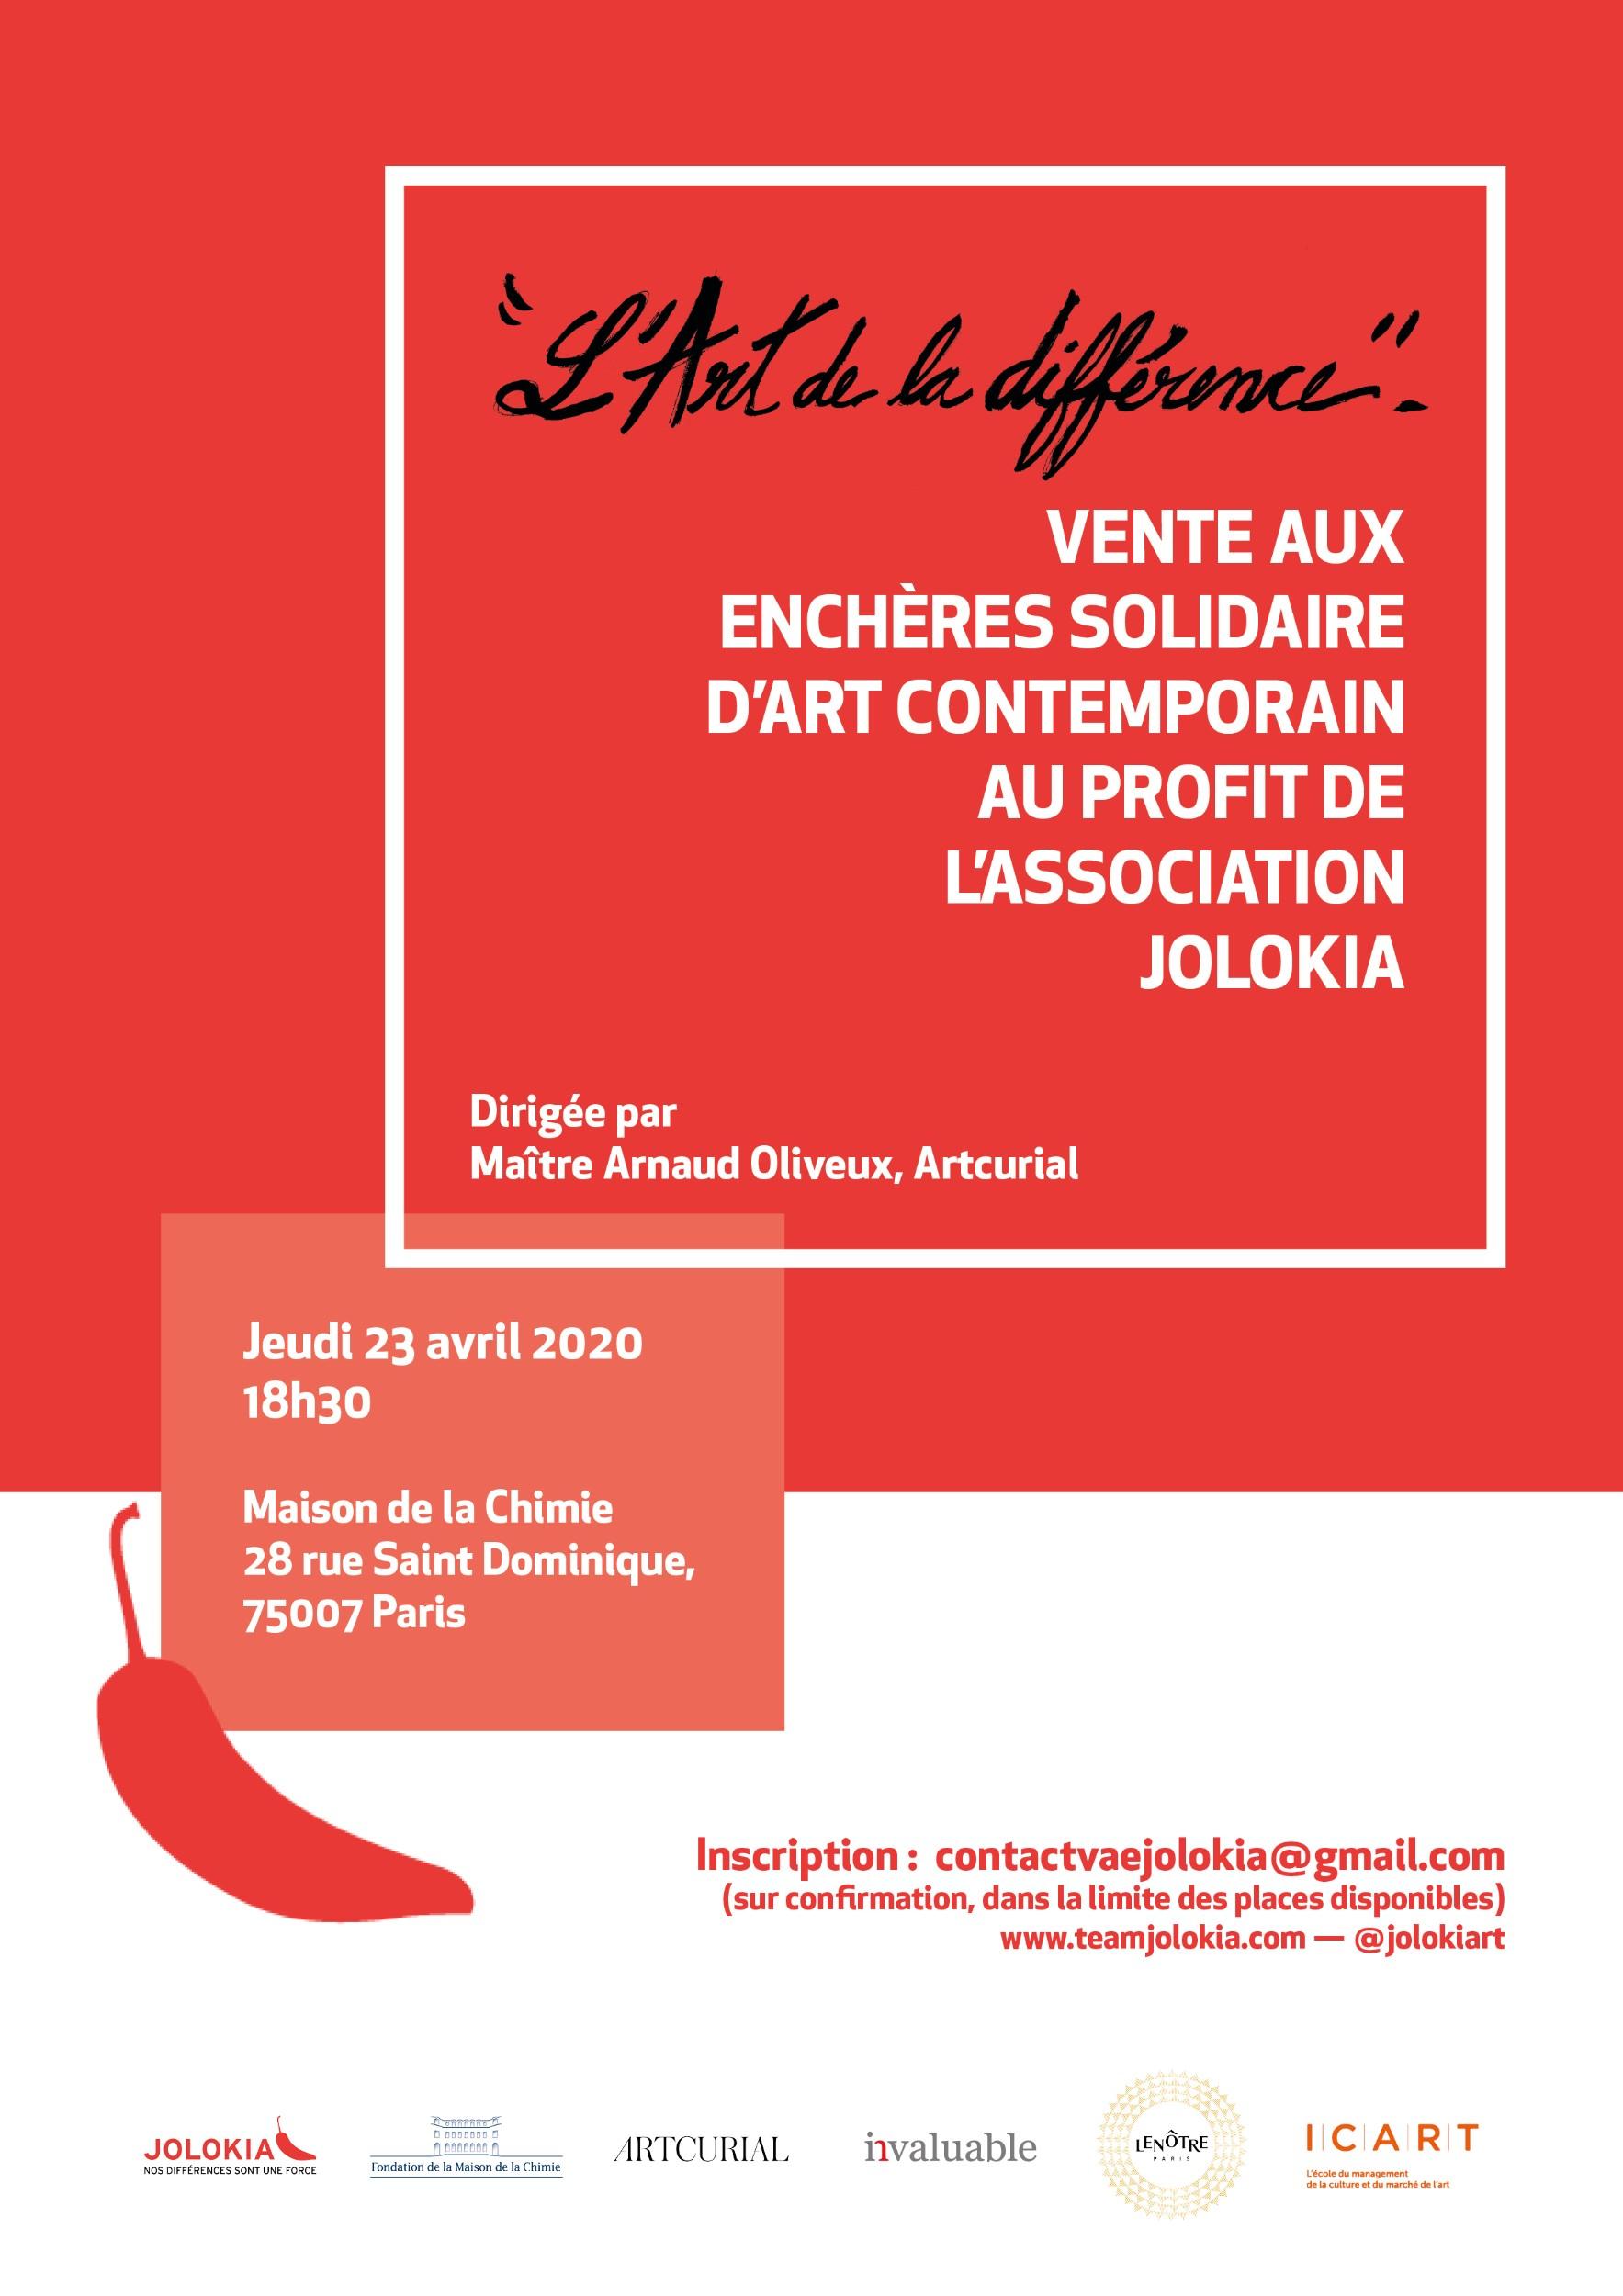 Vente aux enchères solidaire « L'Art (contemporain) de la différence »  Affiche%20L'Art%20de%20la%20difference_Jolokia_23_avril_def